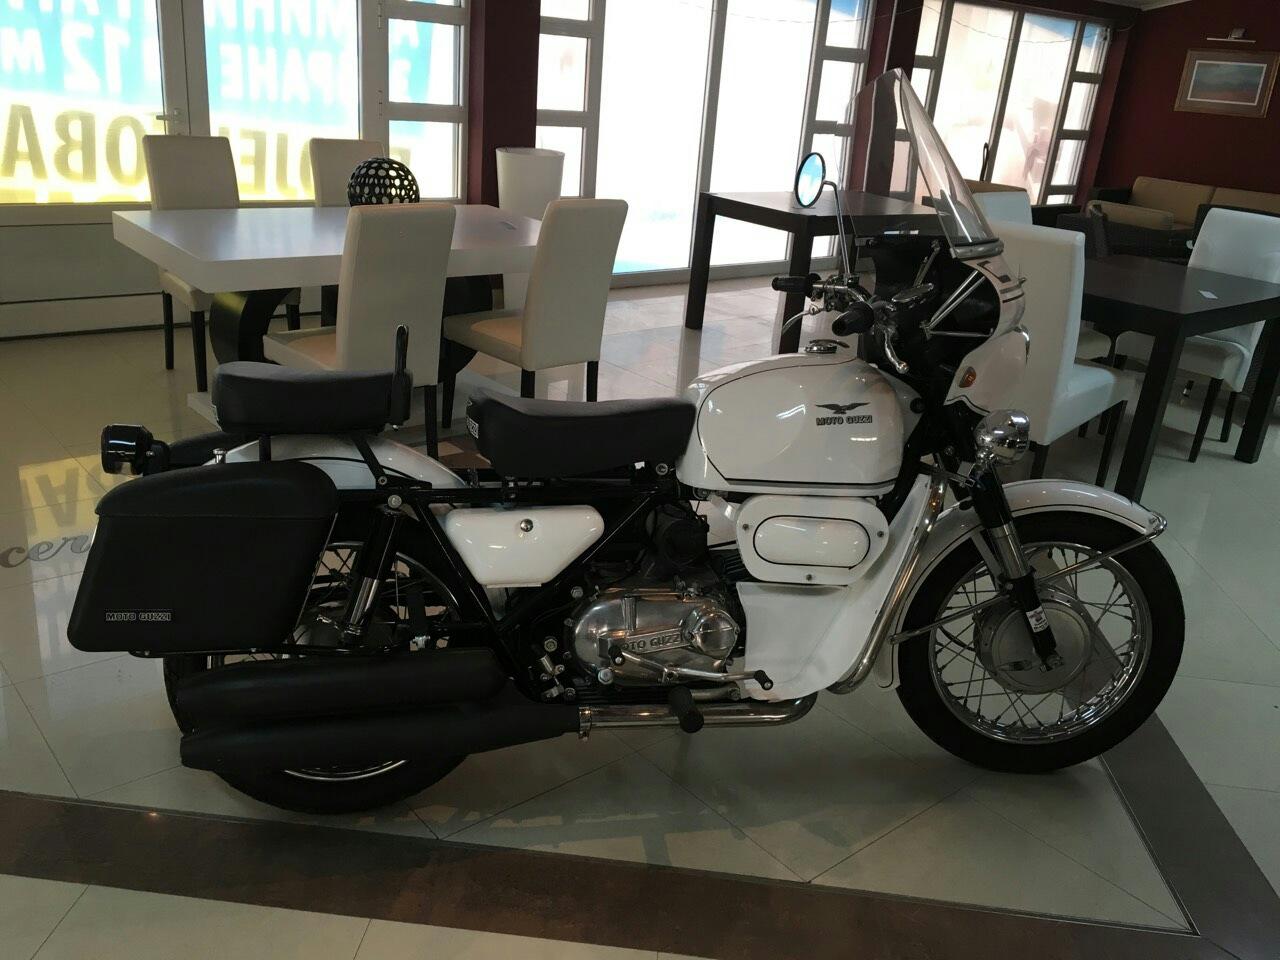 For Sale: 1970 Moto Guzzi Falcone